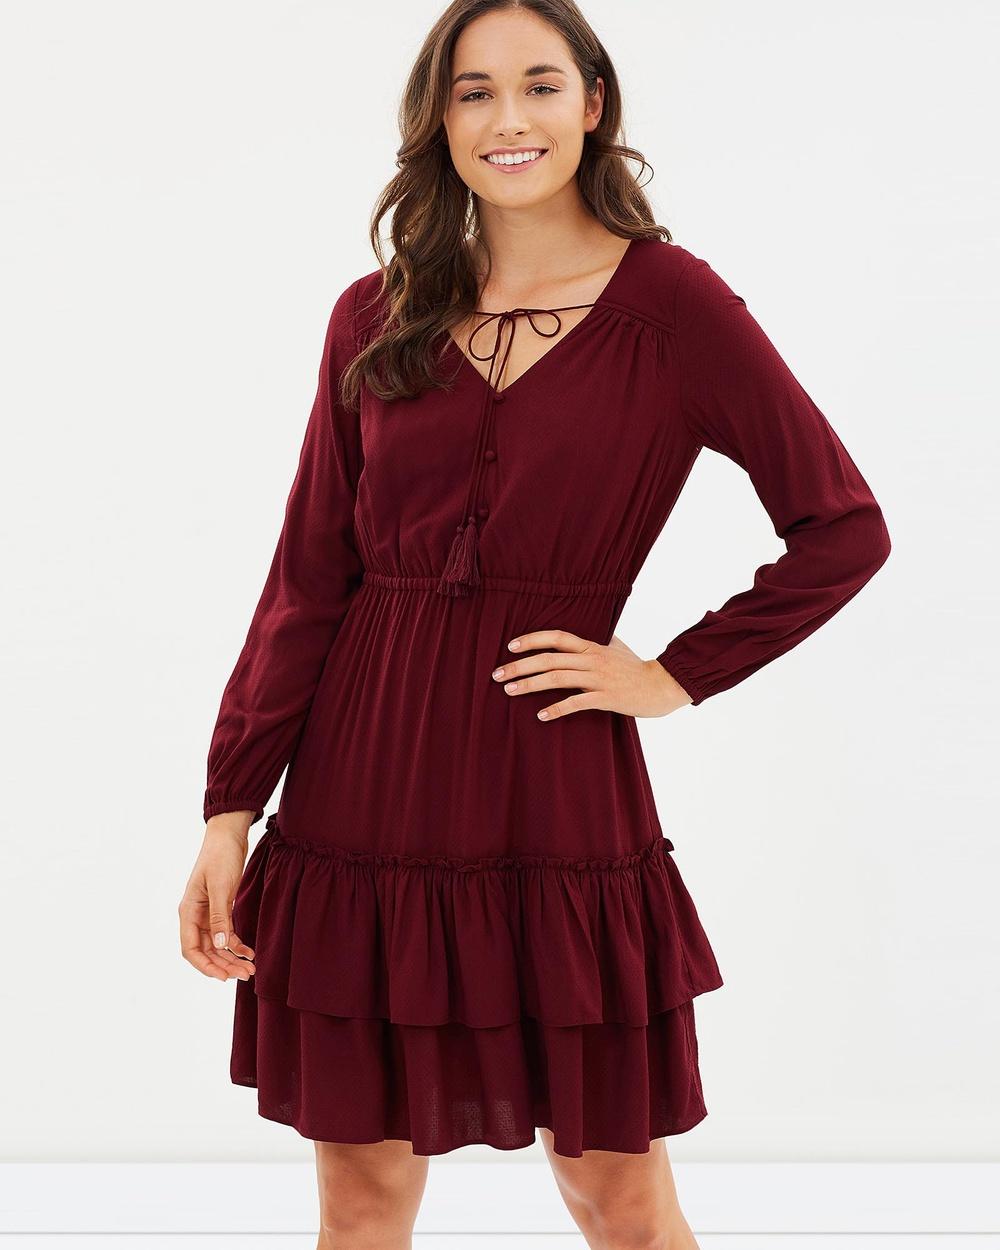 Jag Kristin Dobby Dress Dresses red Kristin Dobby Dress